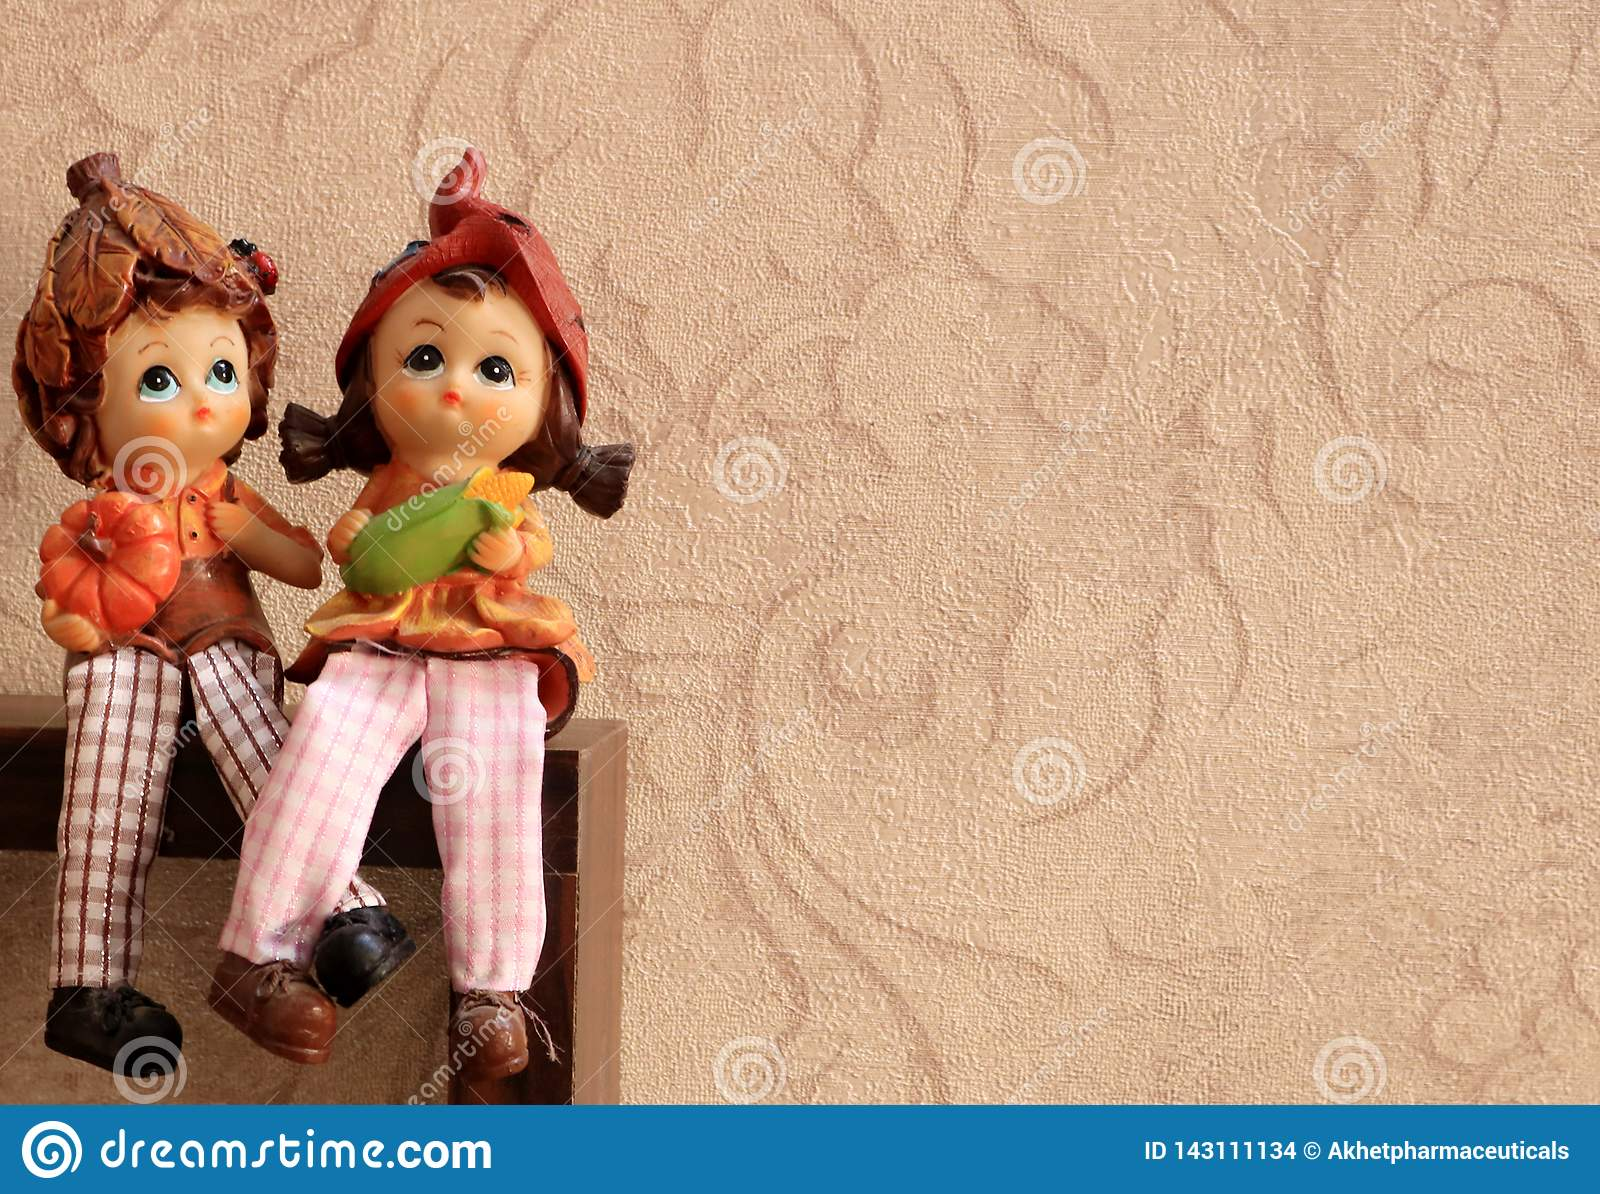 男孩和女孩艺术雕塑坐与腿一起的爱的盘